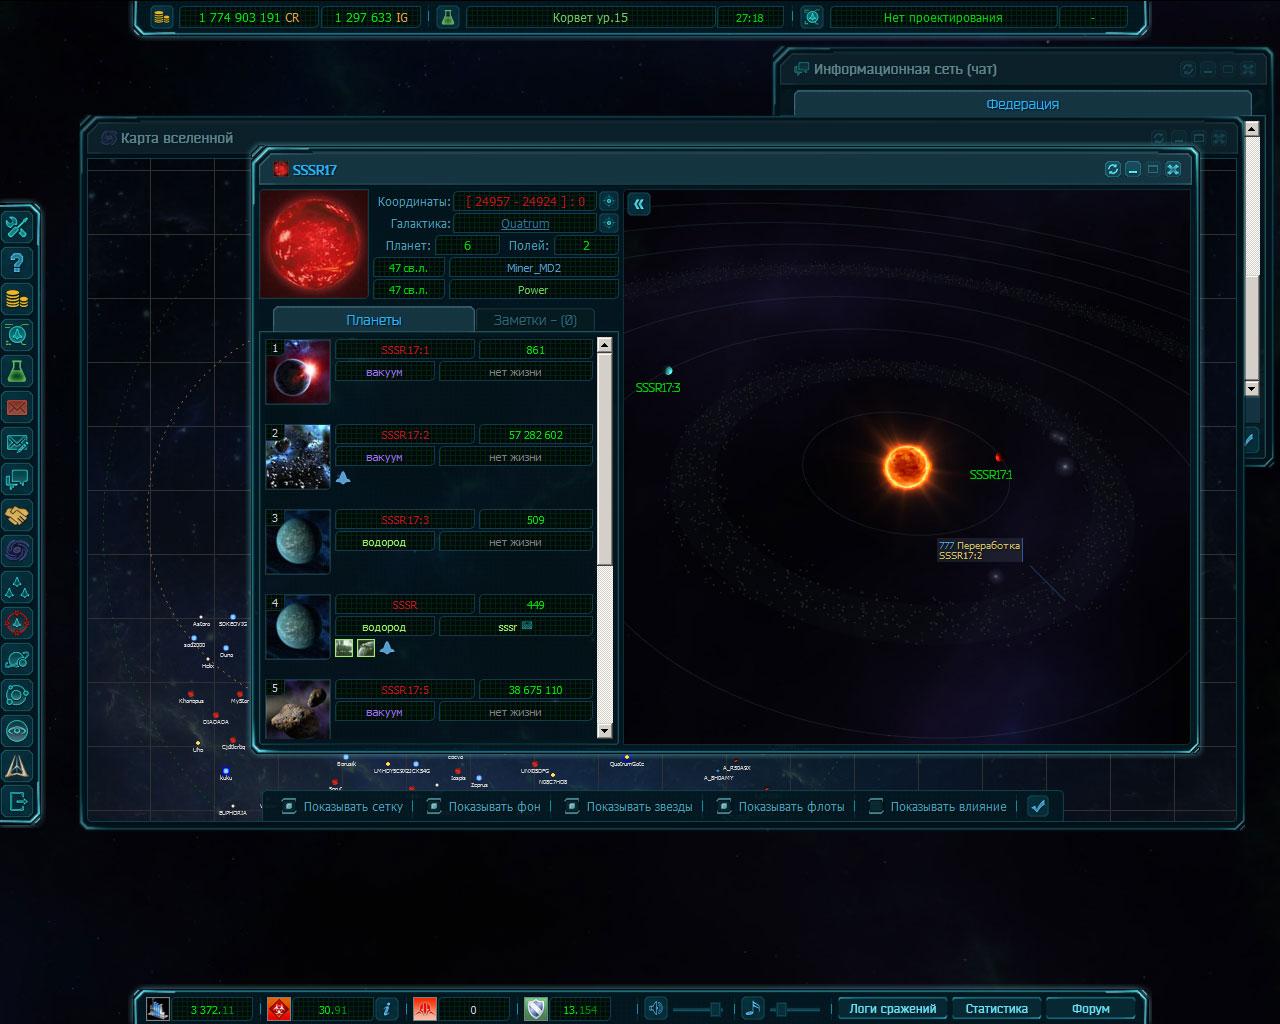 ss_starsystem_1280.jpg